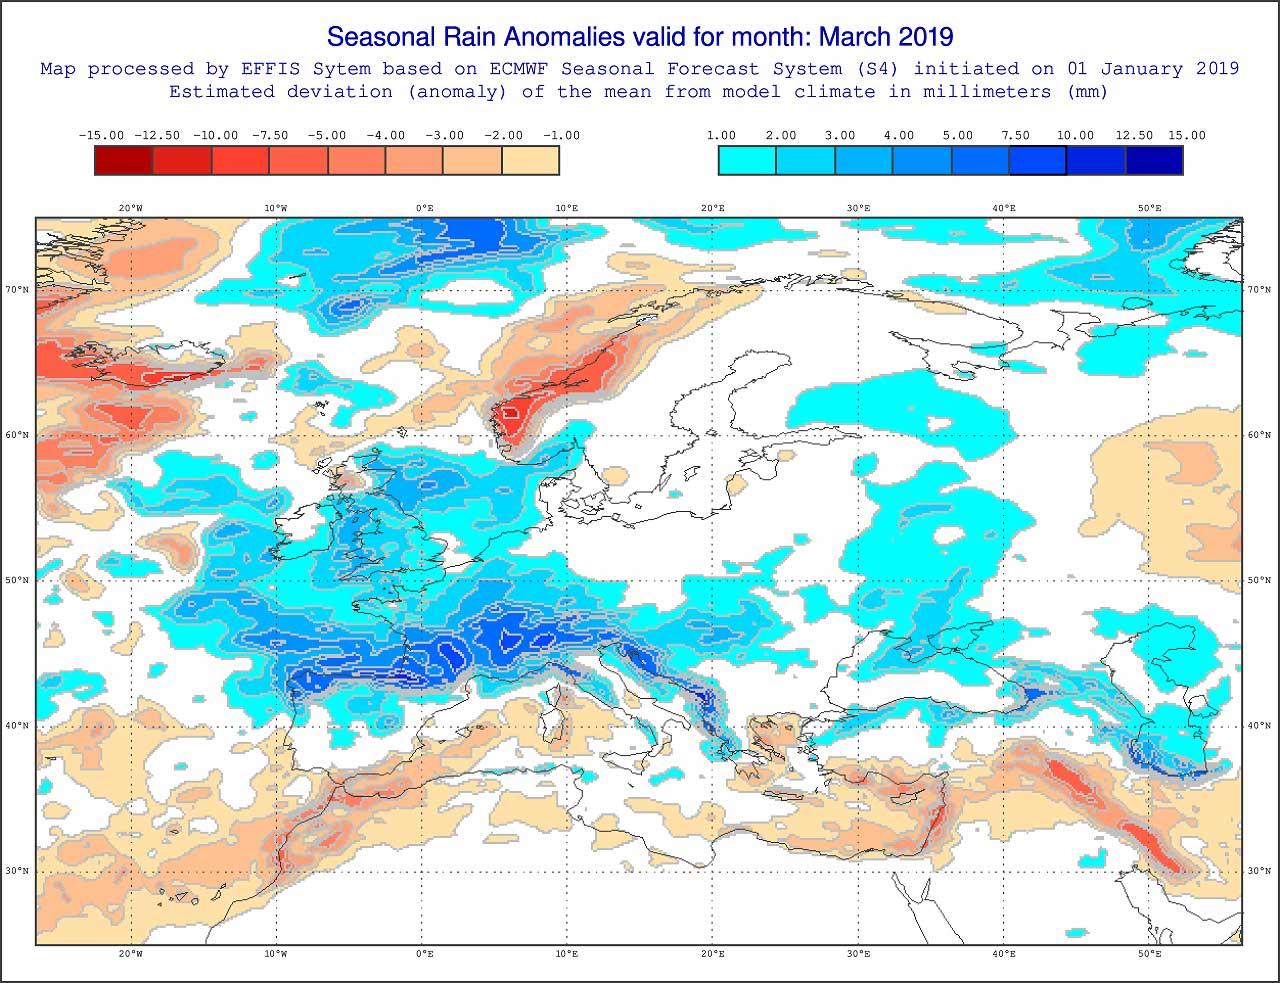 Anomalie di precipitazione per Marzo 2019 secondo il modello ECMWF - effis.jrc.ec.europa.eu